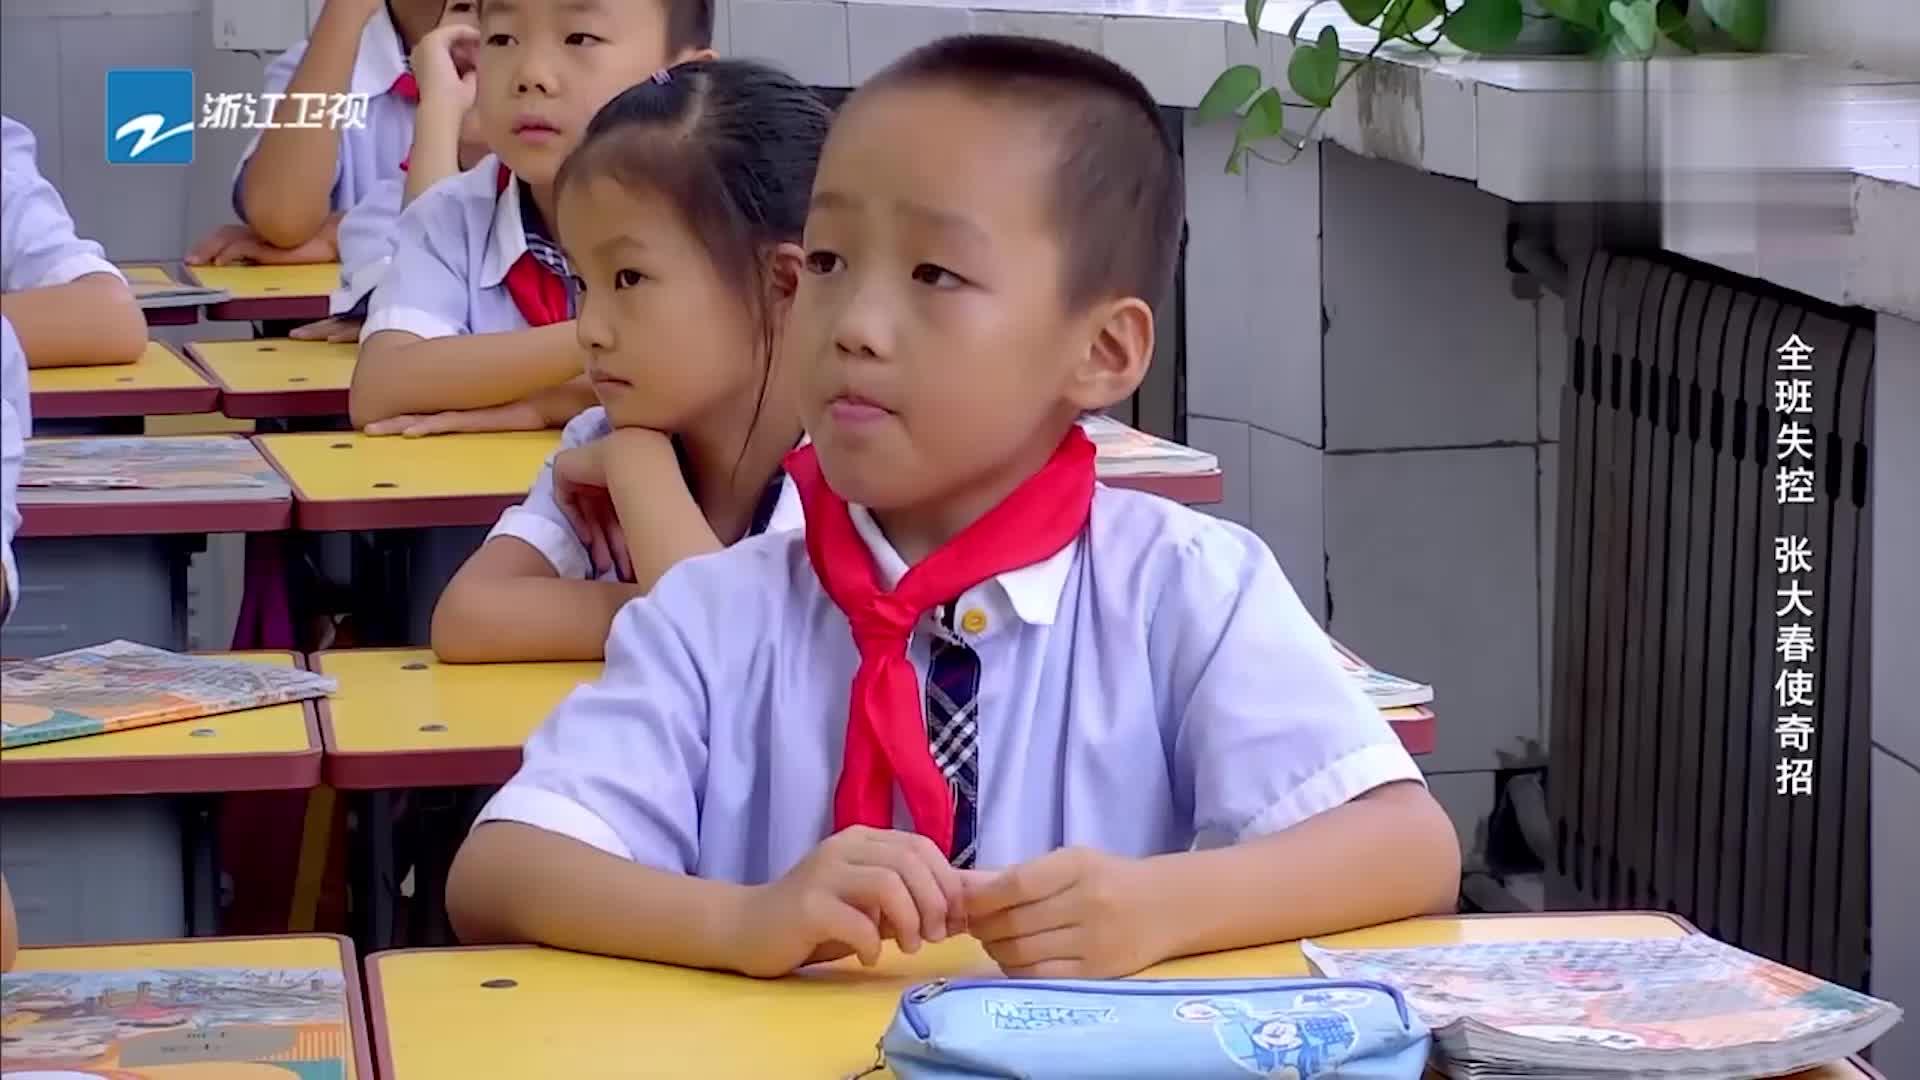 同一堂课:孟非趣解唐诗,老师要都这样,孩子不可能不爱上课!